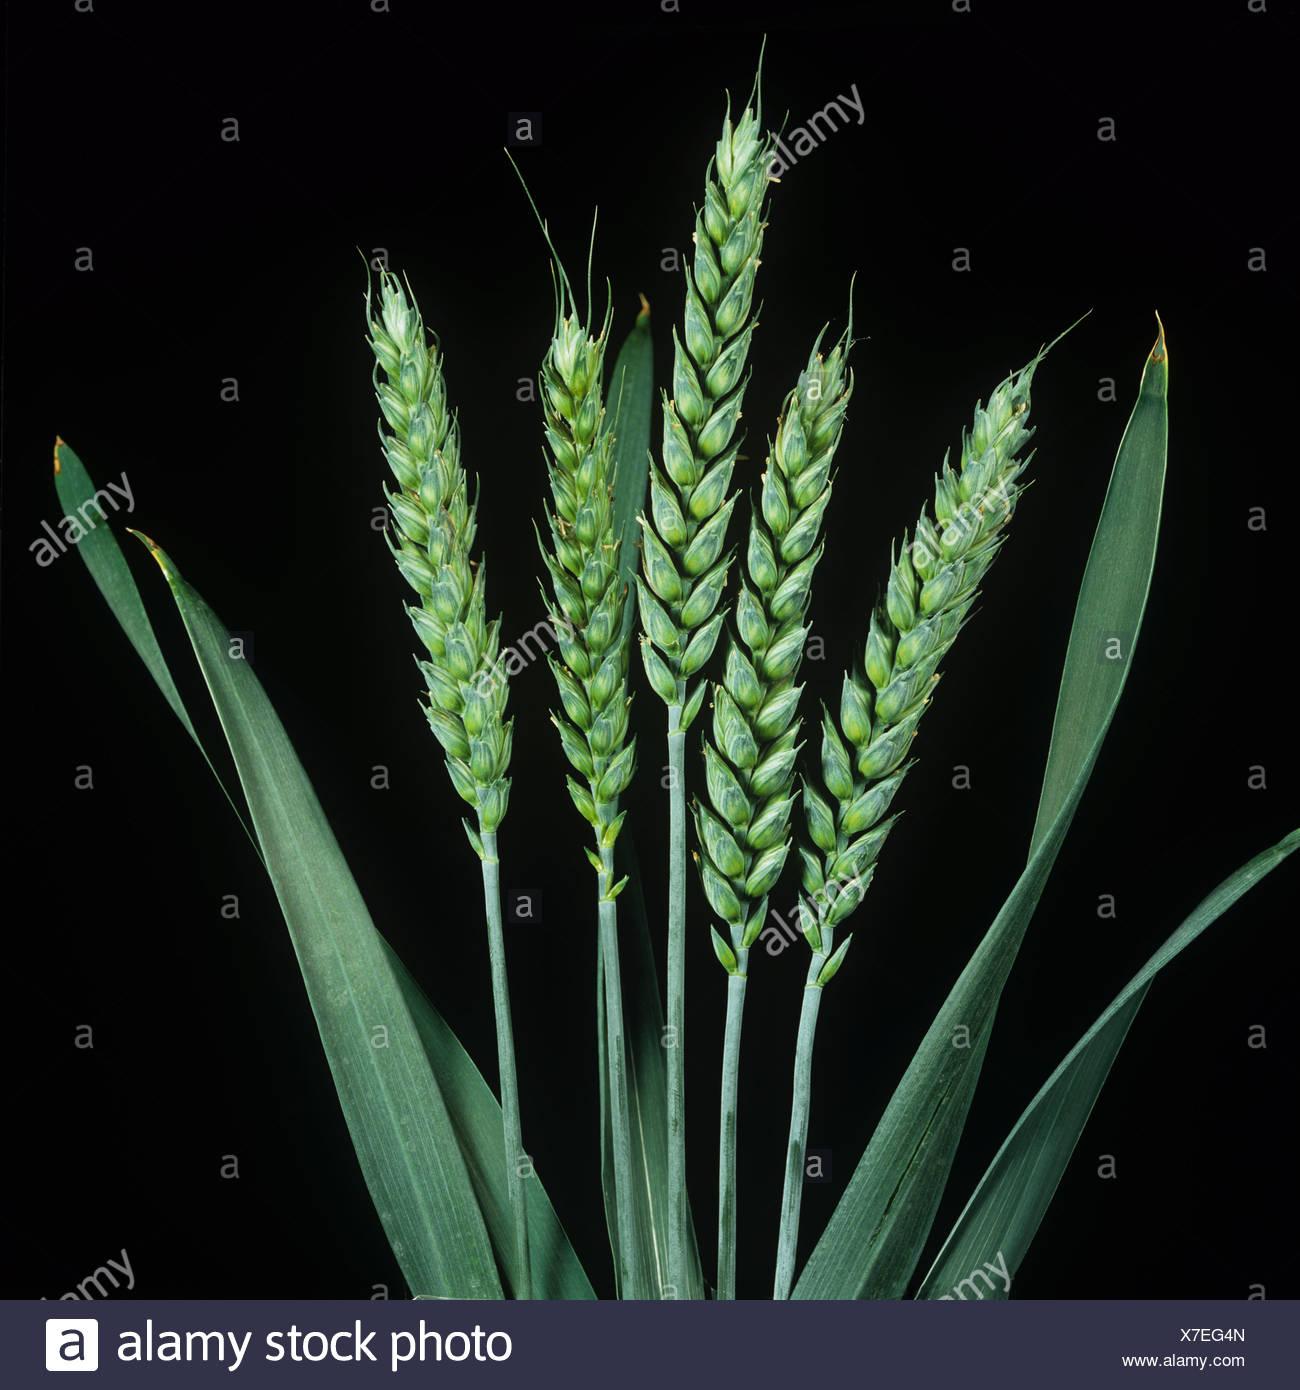 Cerrar el trigo verde inmaduros oídos contra un fondo negro studio Imagen De Stock